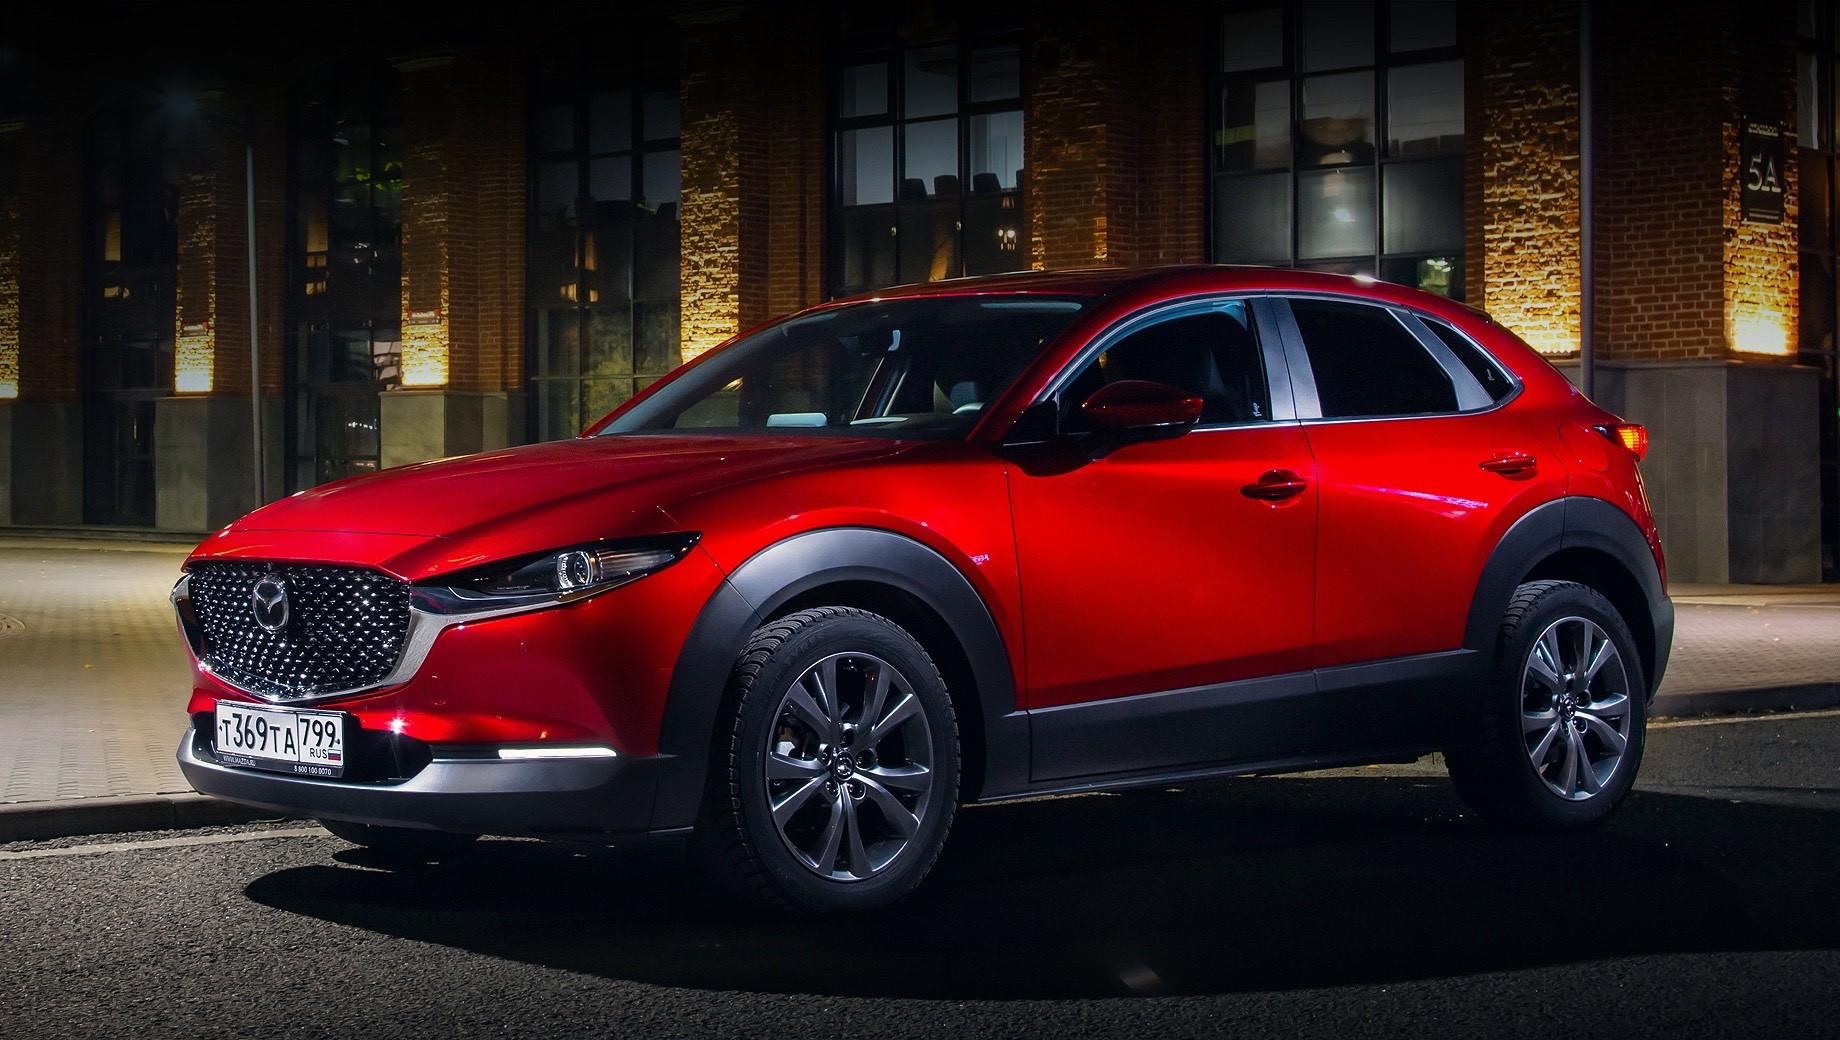 Mazda cx-30. Все версии кроссовера CX-30 будут комплектоваться 150-сильным атмосферником 2.0, с передним или полным приводом, а также двумя типами коробок передач — шестиступенчатыми механикой или автоматом.